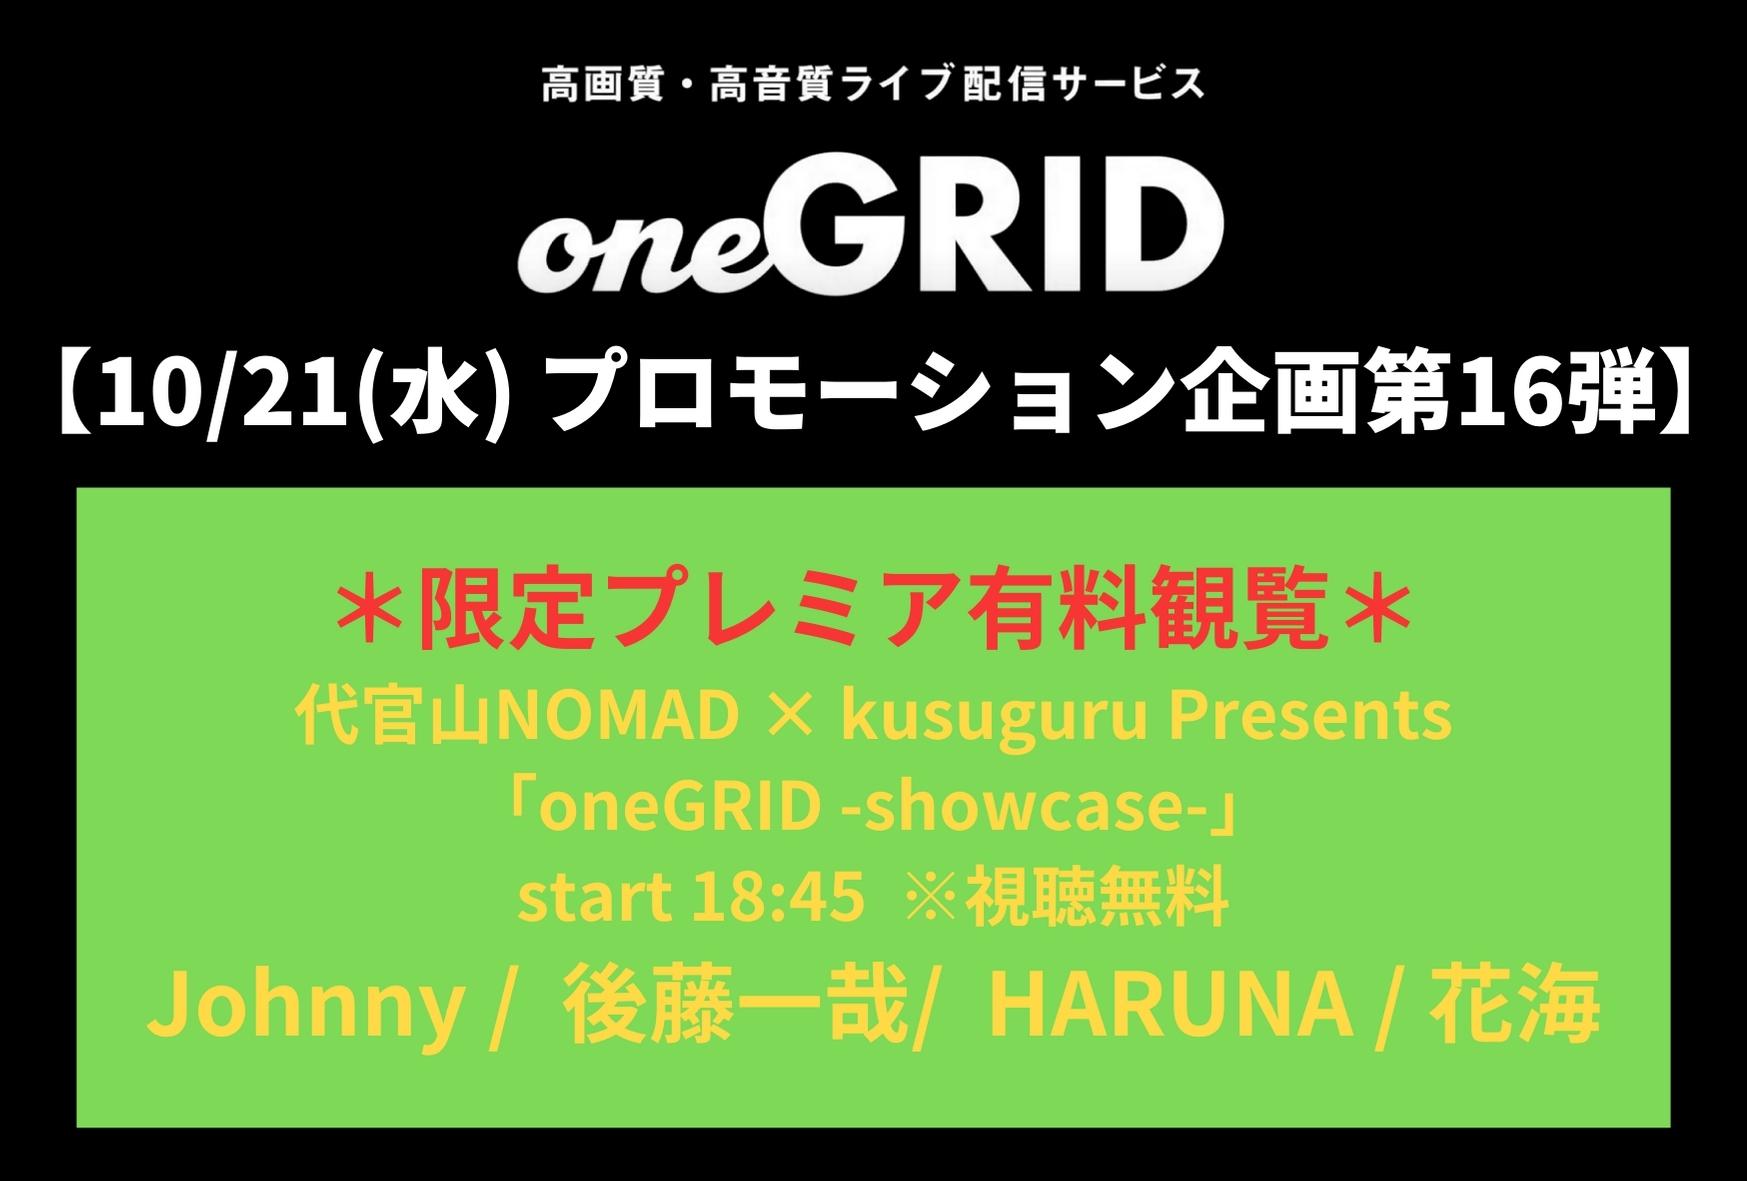 「oneGRID -showcase-」